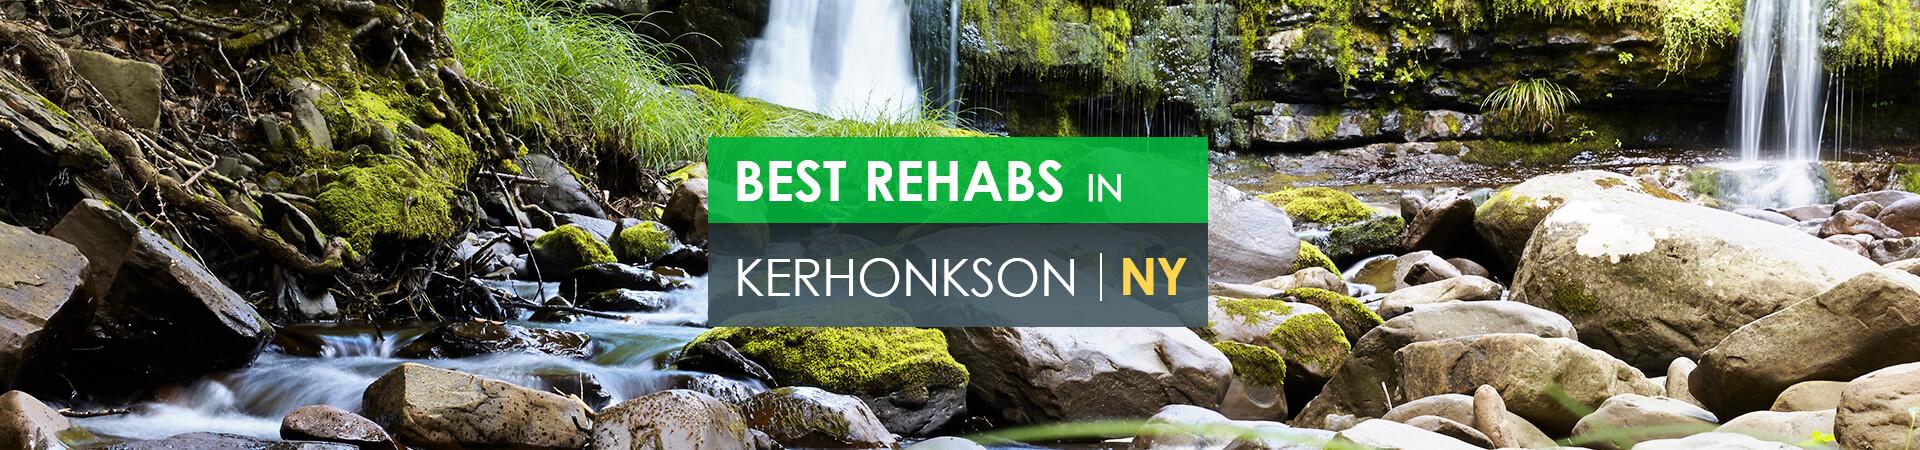 Best rehabs in Kerhonkson, NY